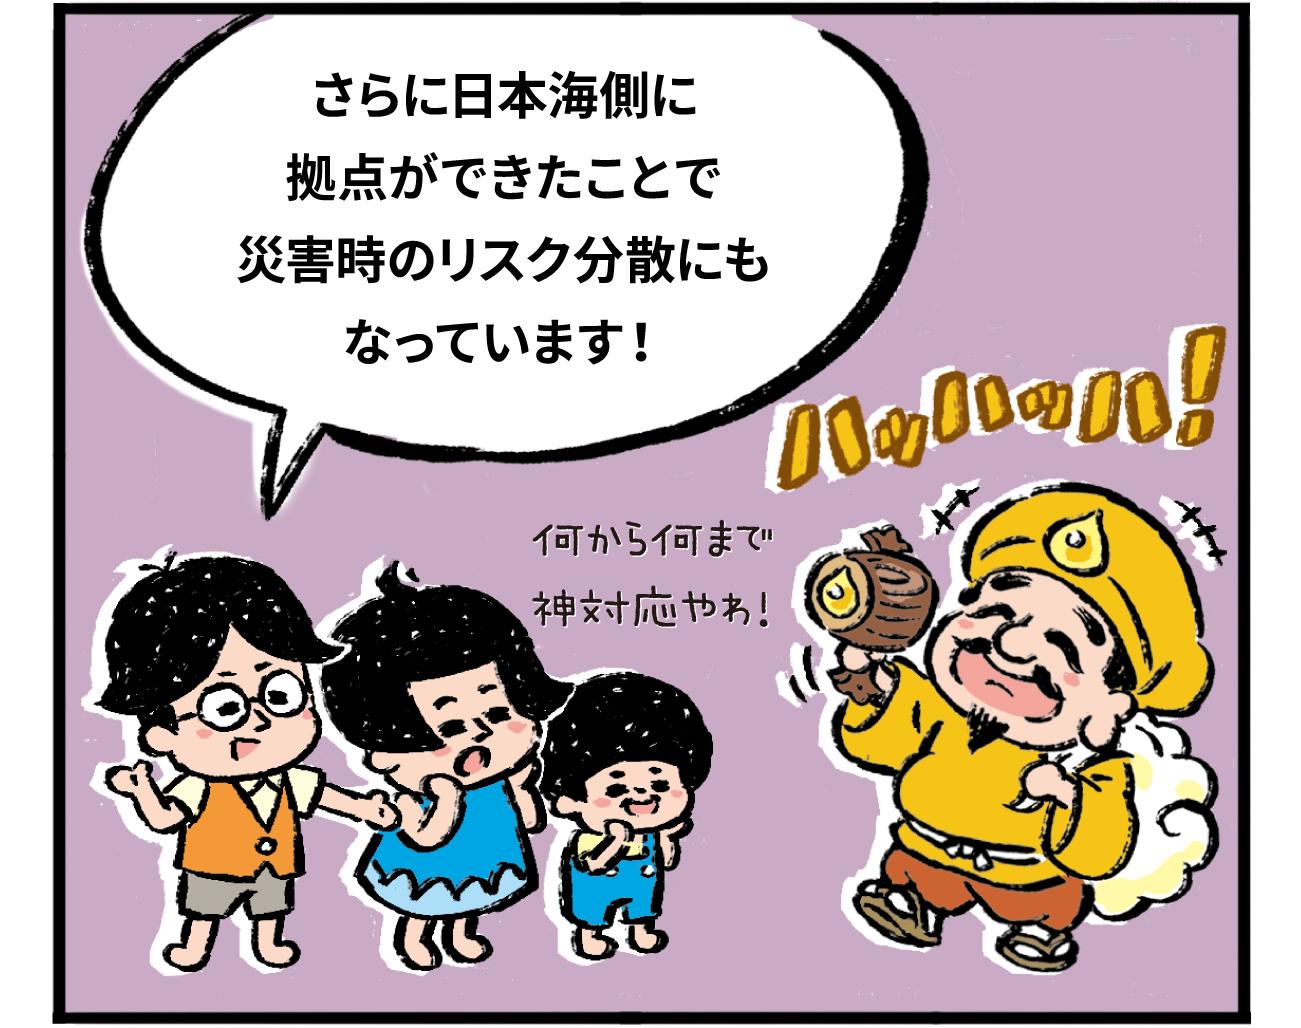 さらに日本海側に拠点ができたことで災害時のリスク分散にもなっています!